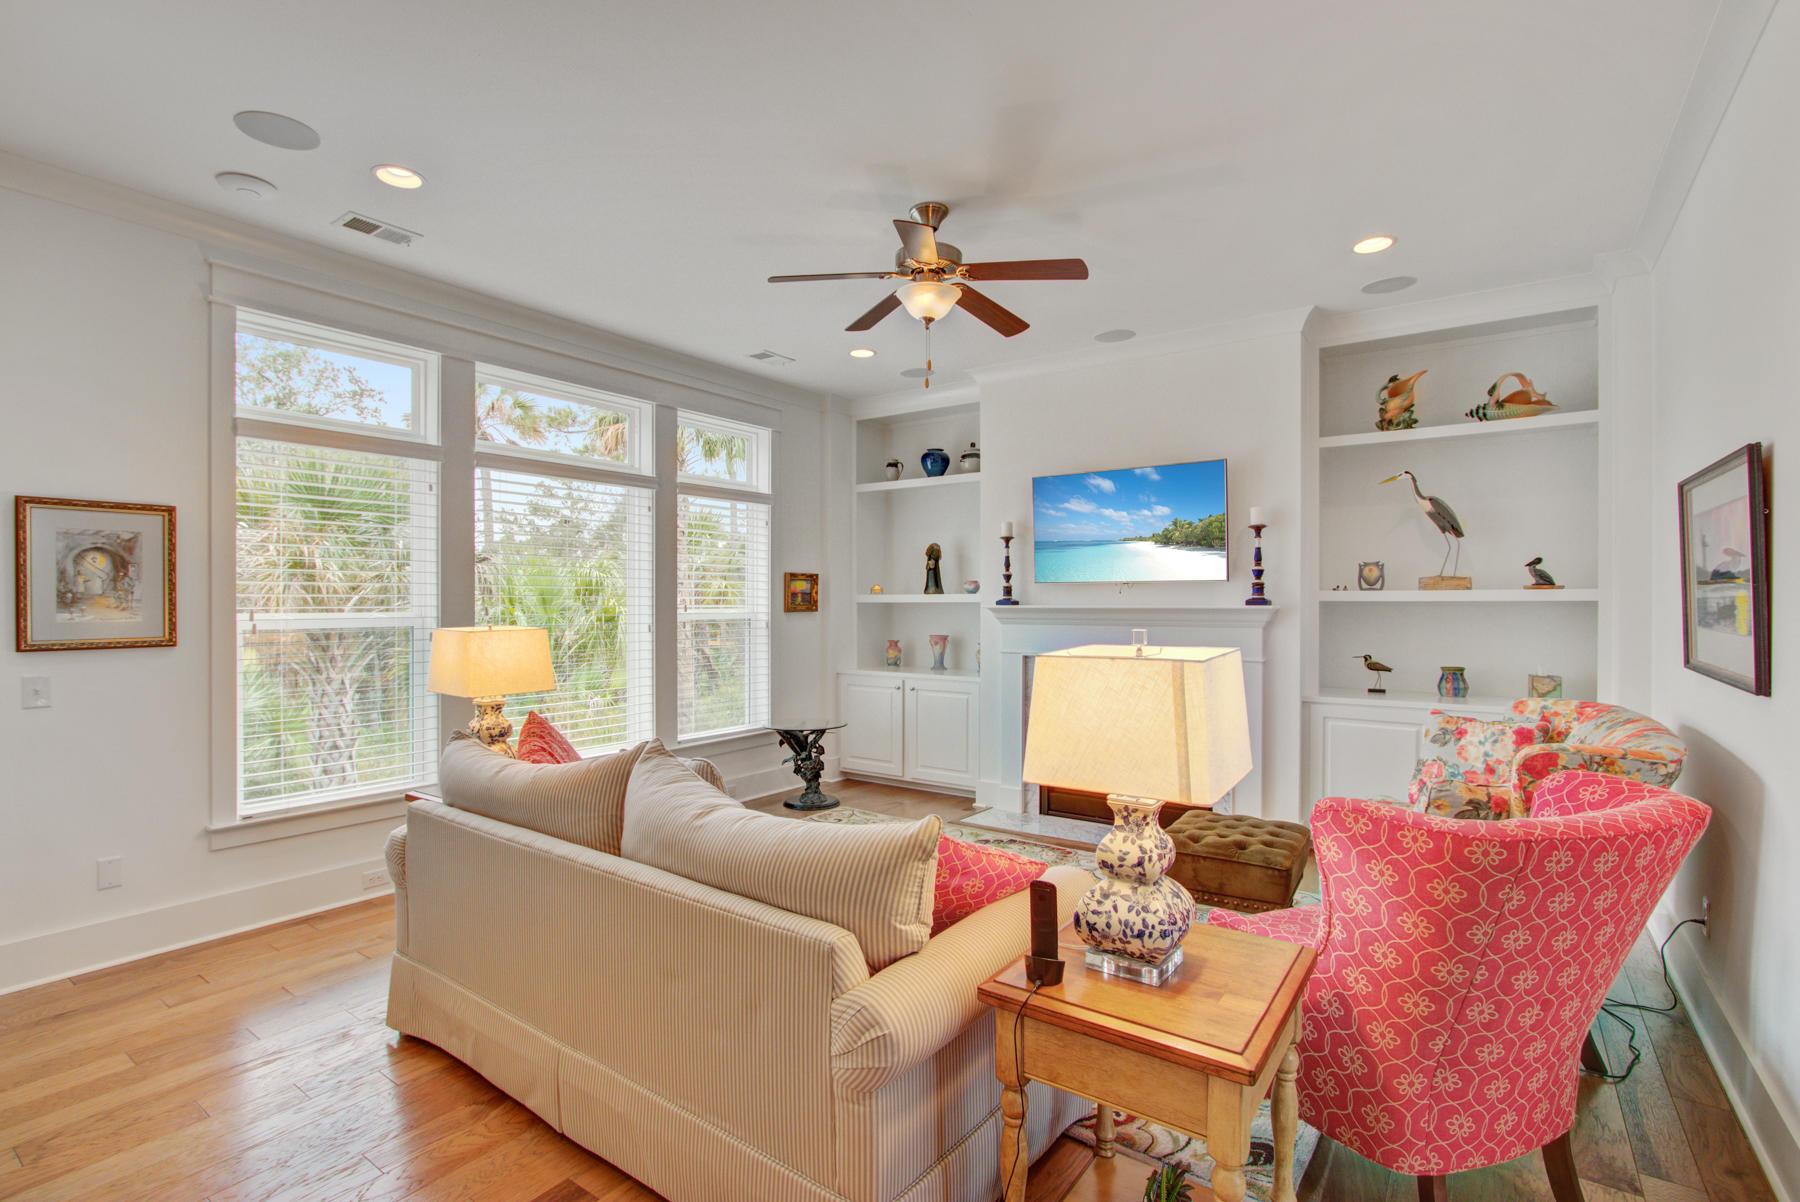 Dunes West Homes For Sale - 2984 Yachtsman, Mount Pleasant, SC - 47